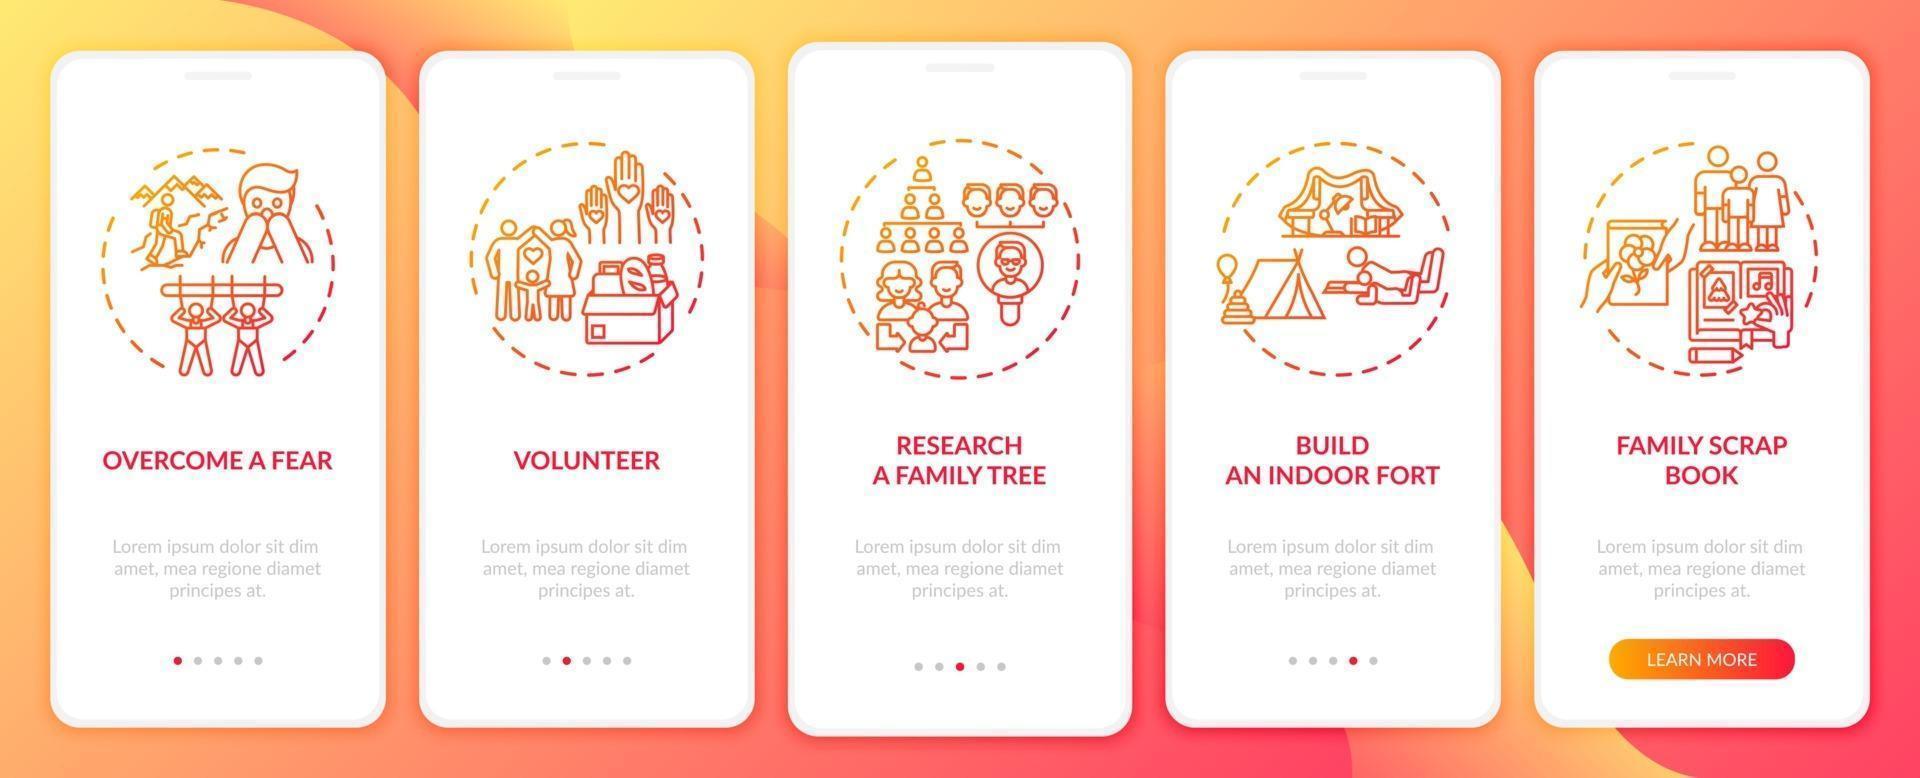 dicas de vínculo familiar tela de página de aplicativo móvel com conceitos vetor